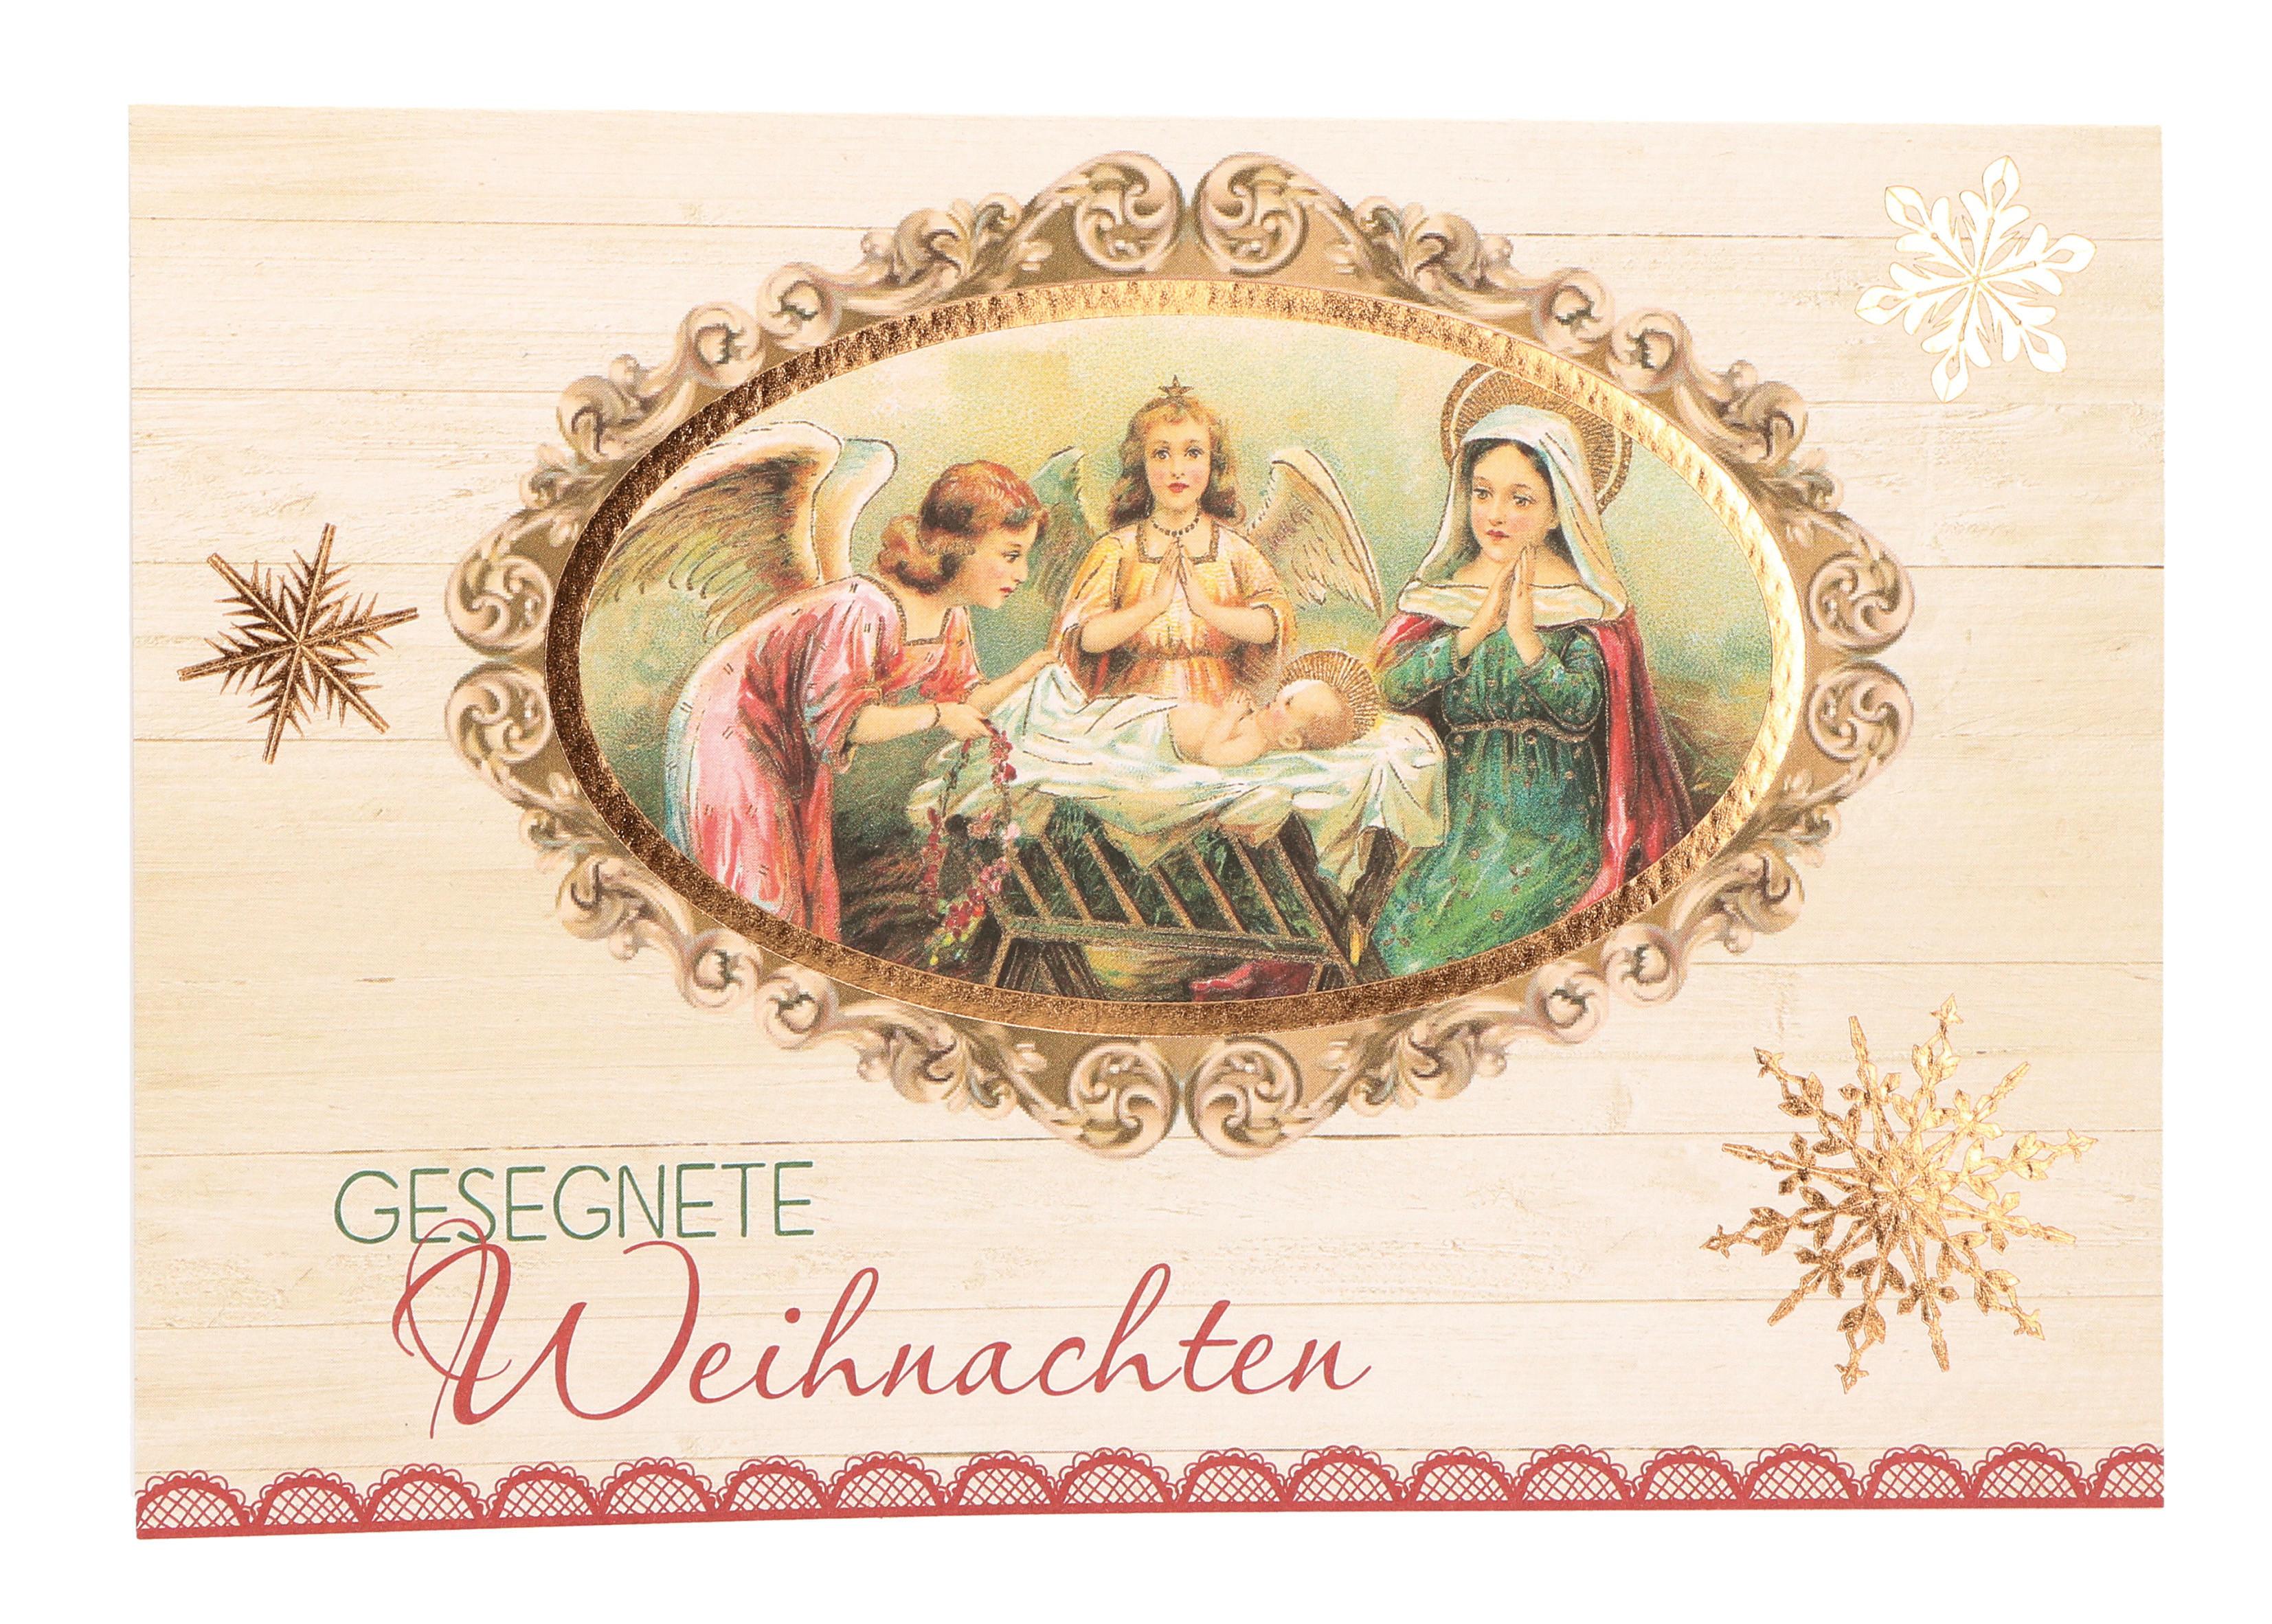 Glückwunschkarte zu Weihnachten Gesegnete Weihnachten